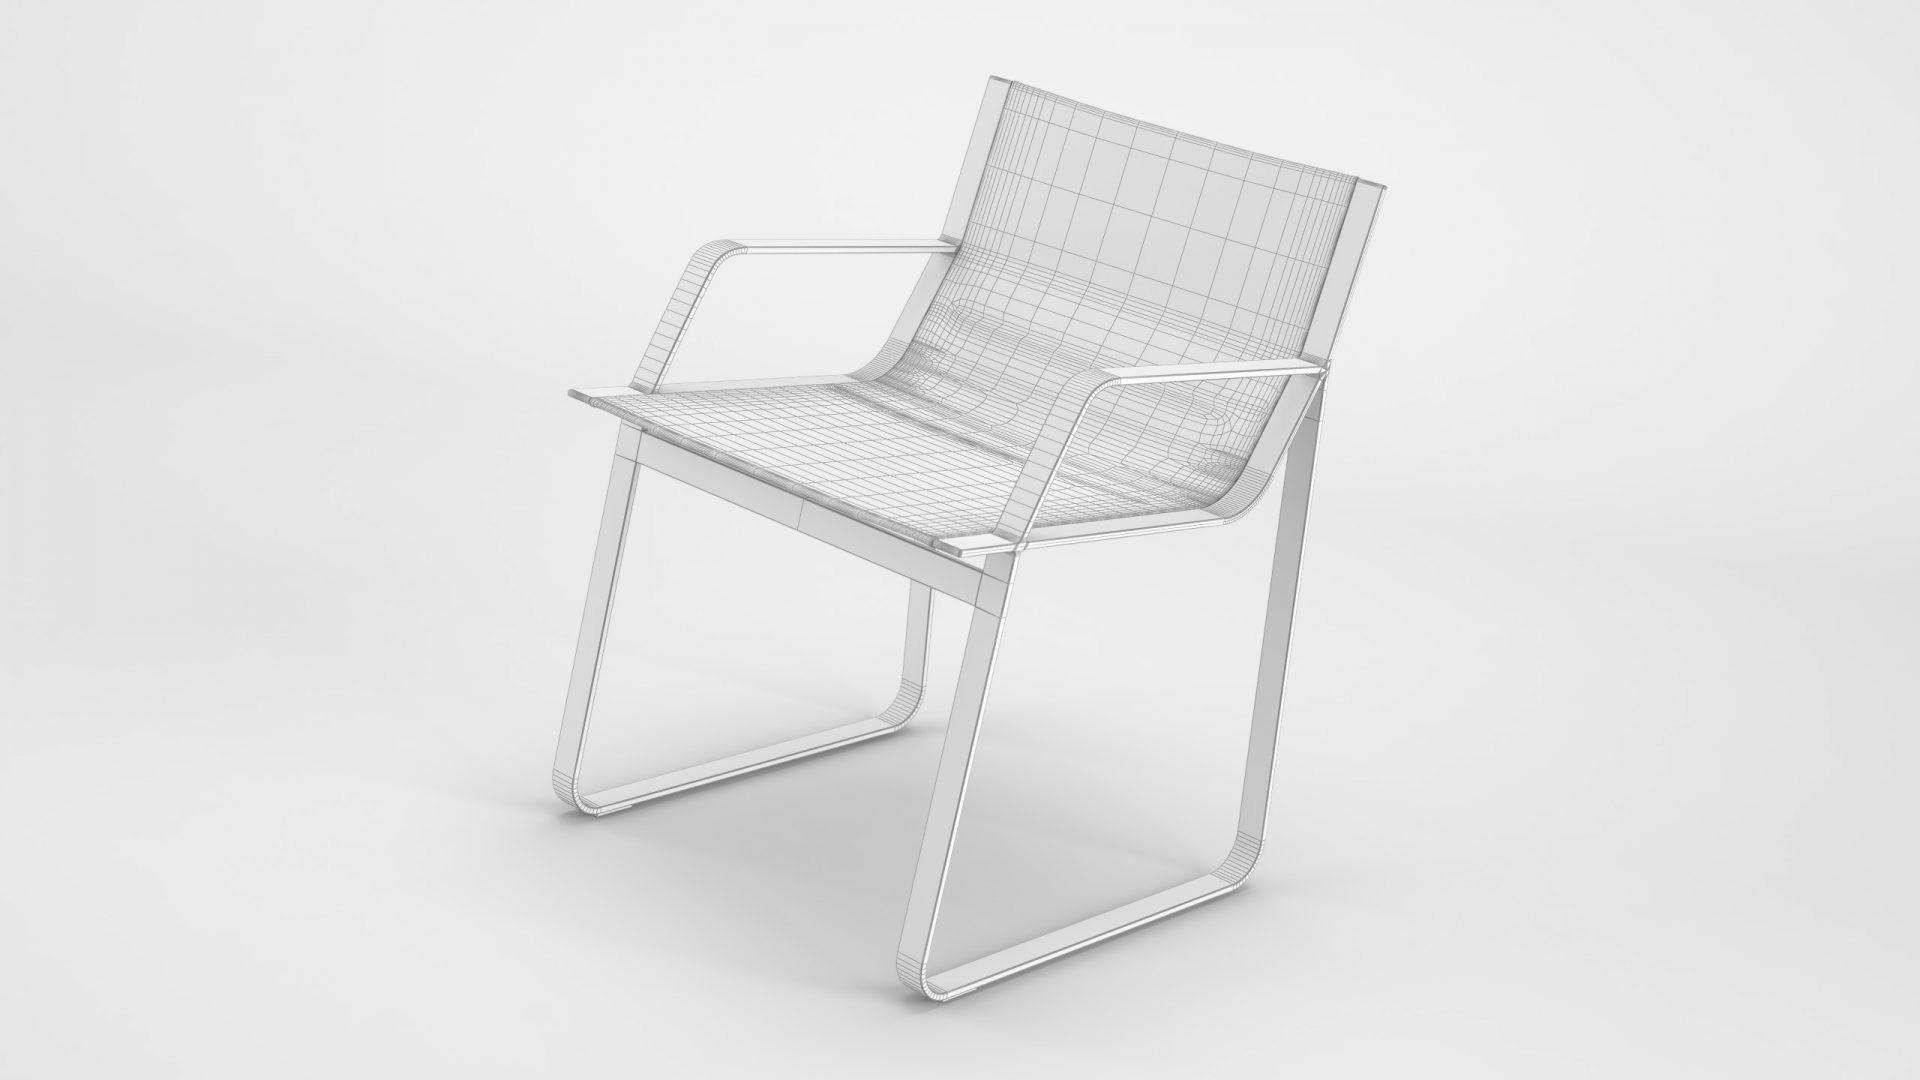 008_Essentiel_Chair_0711E2_WhiteSet_01_wire_0003